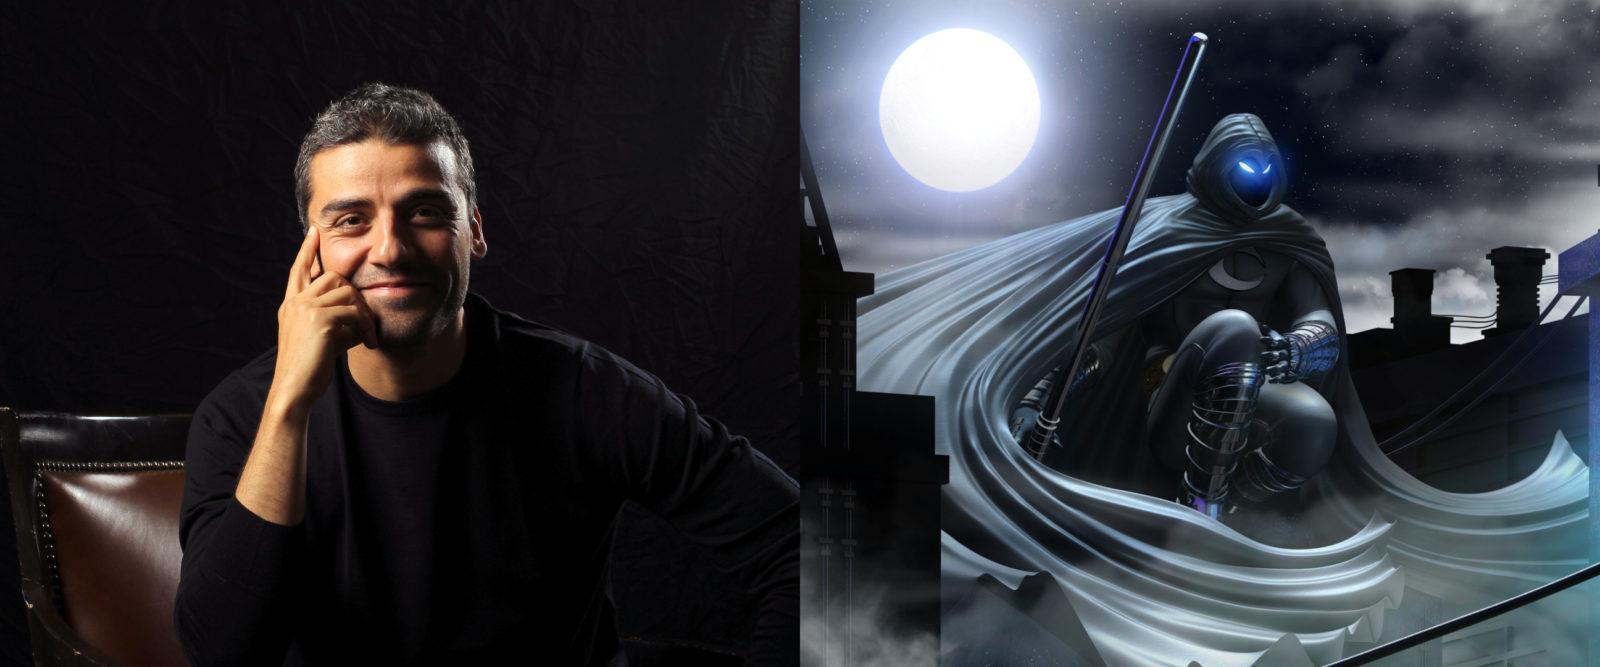 Теперь официально: Оскар Айзек сыграет Лунного Рыцаря Marvel